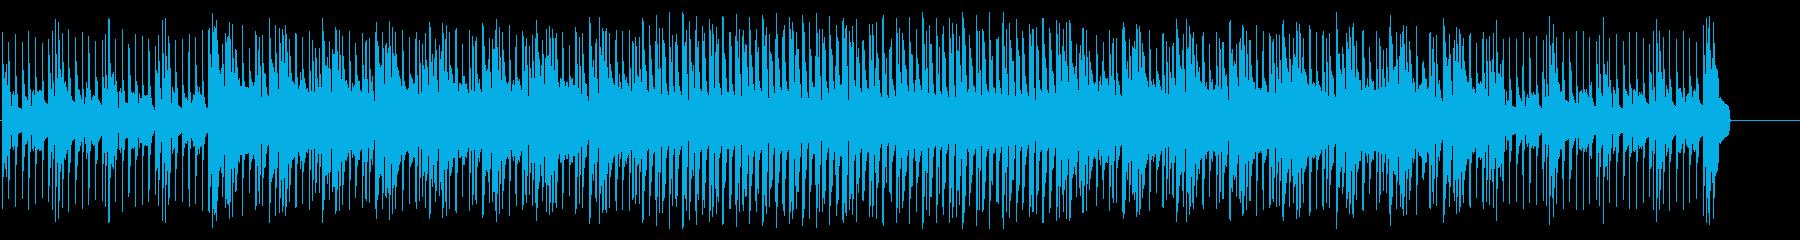 スリルとサスペンスのポップ/マイナーの再生済みの波形